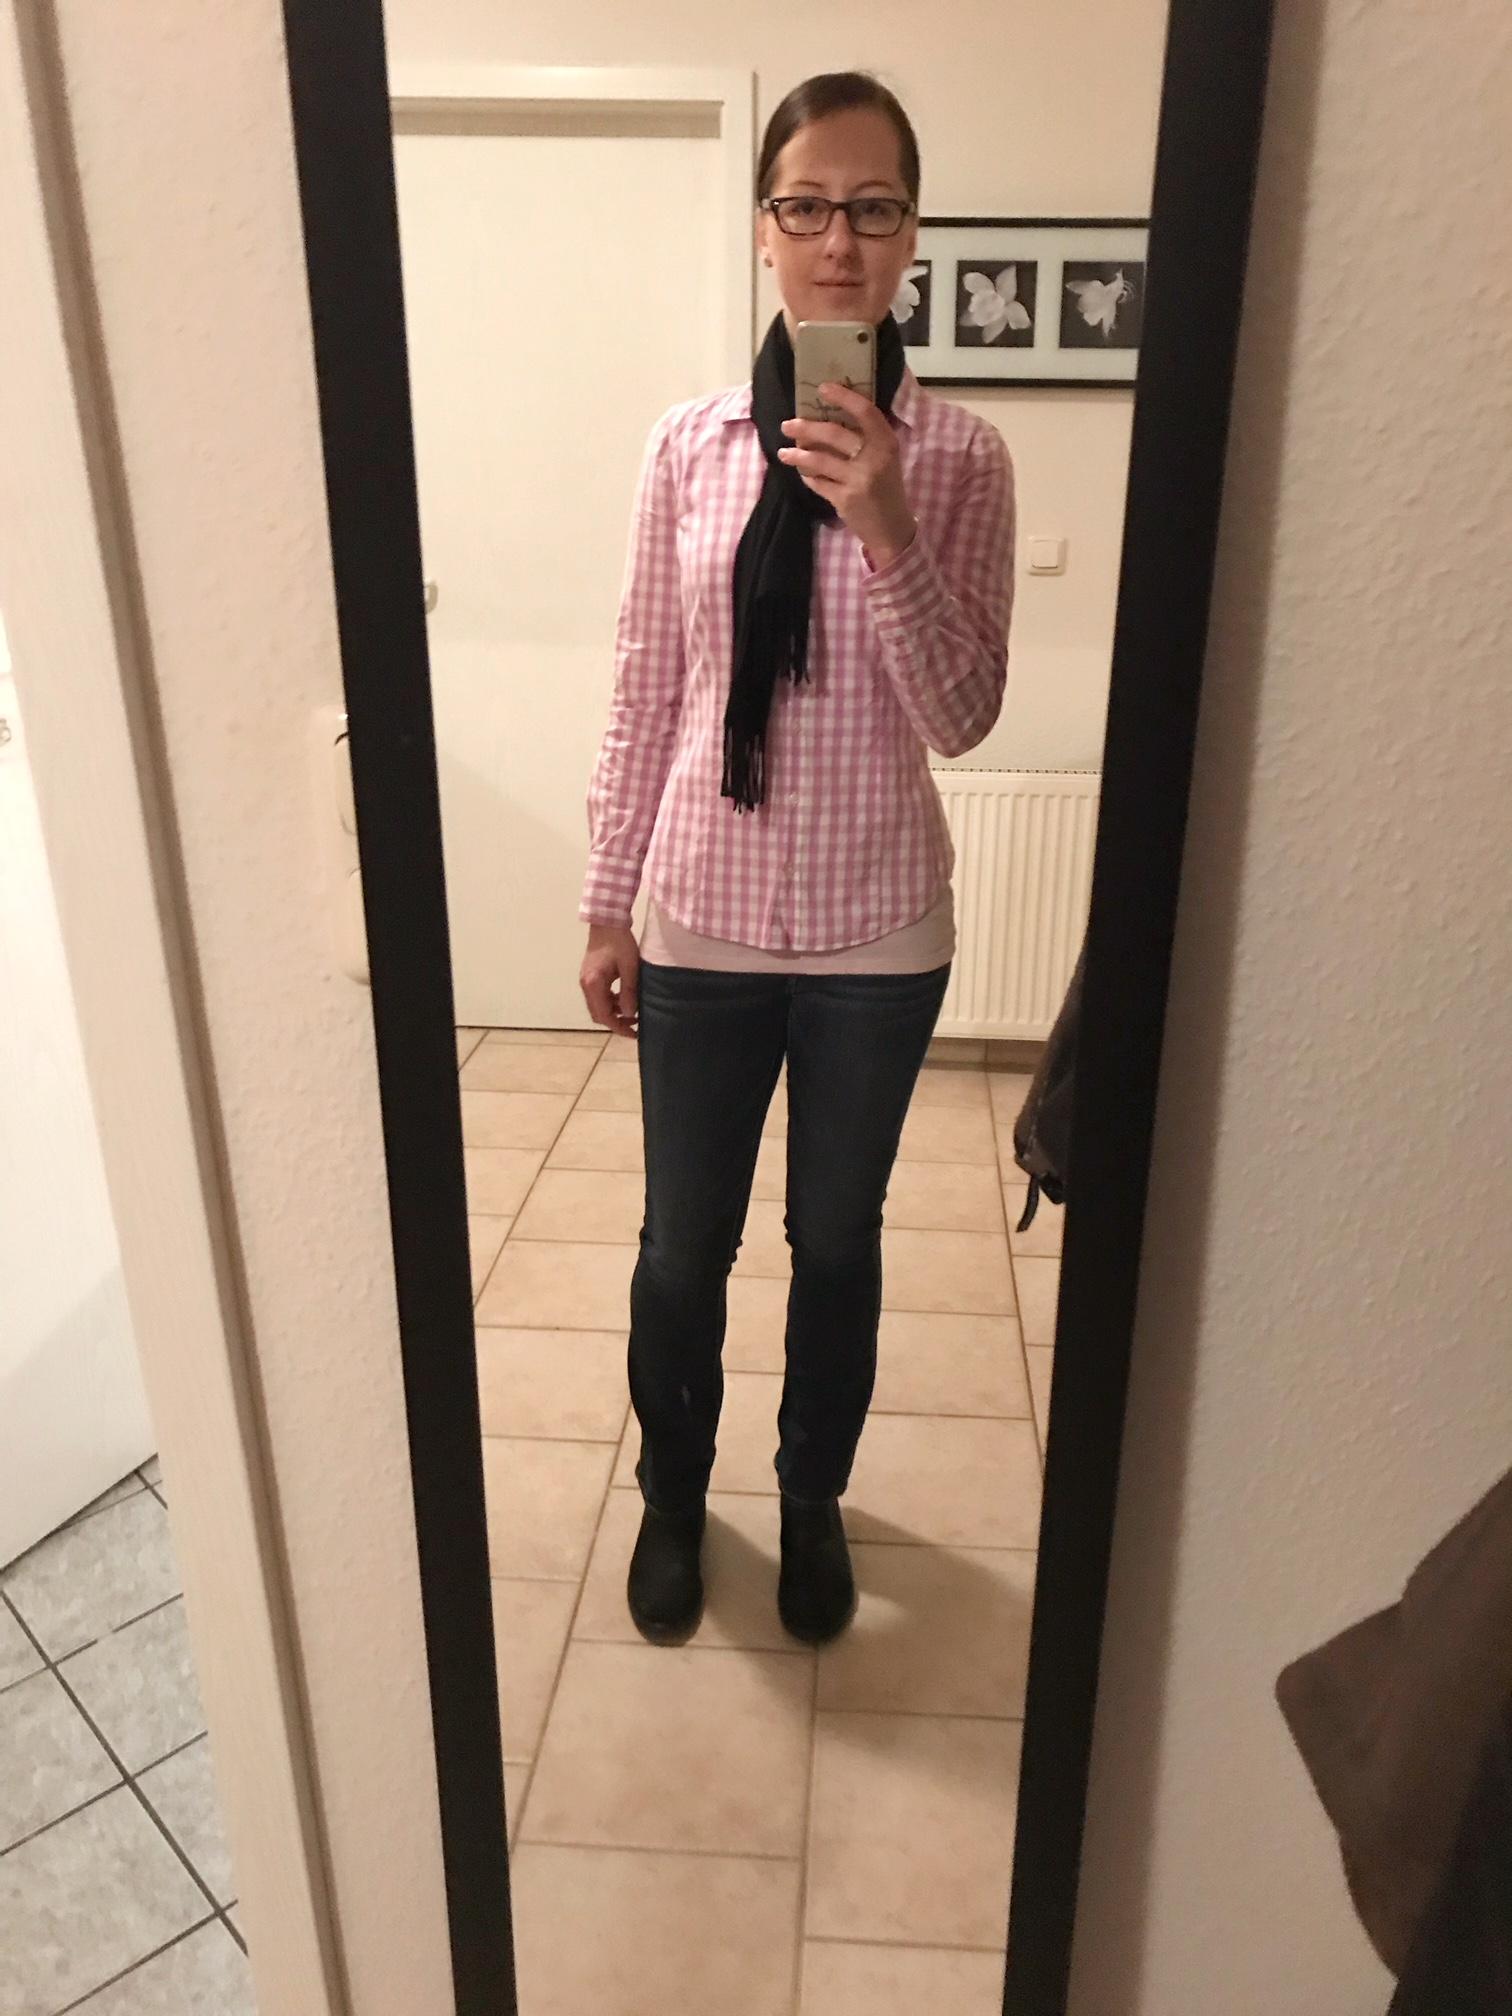 Kleiderschrank- Experiment: Woche 1 und 2 Freitag 9. Februar